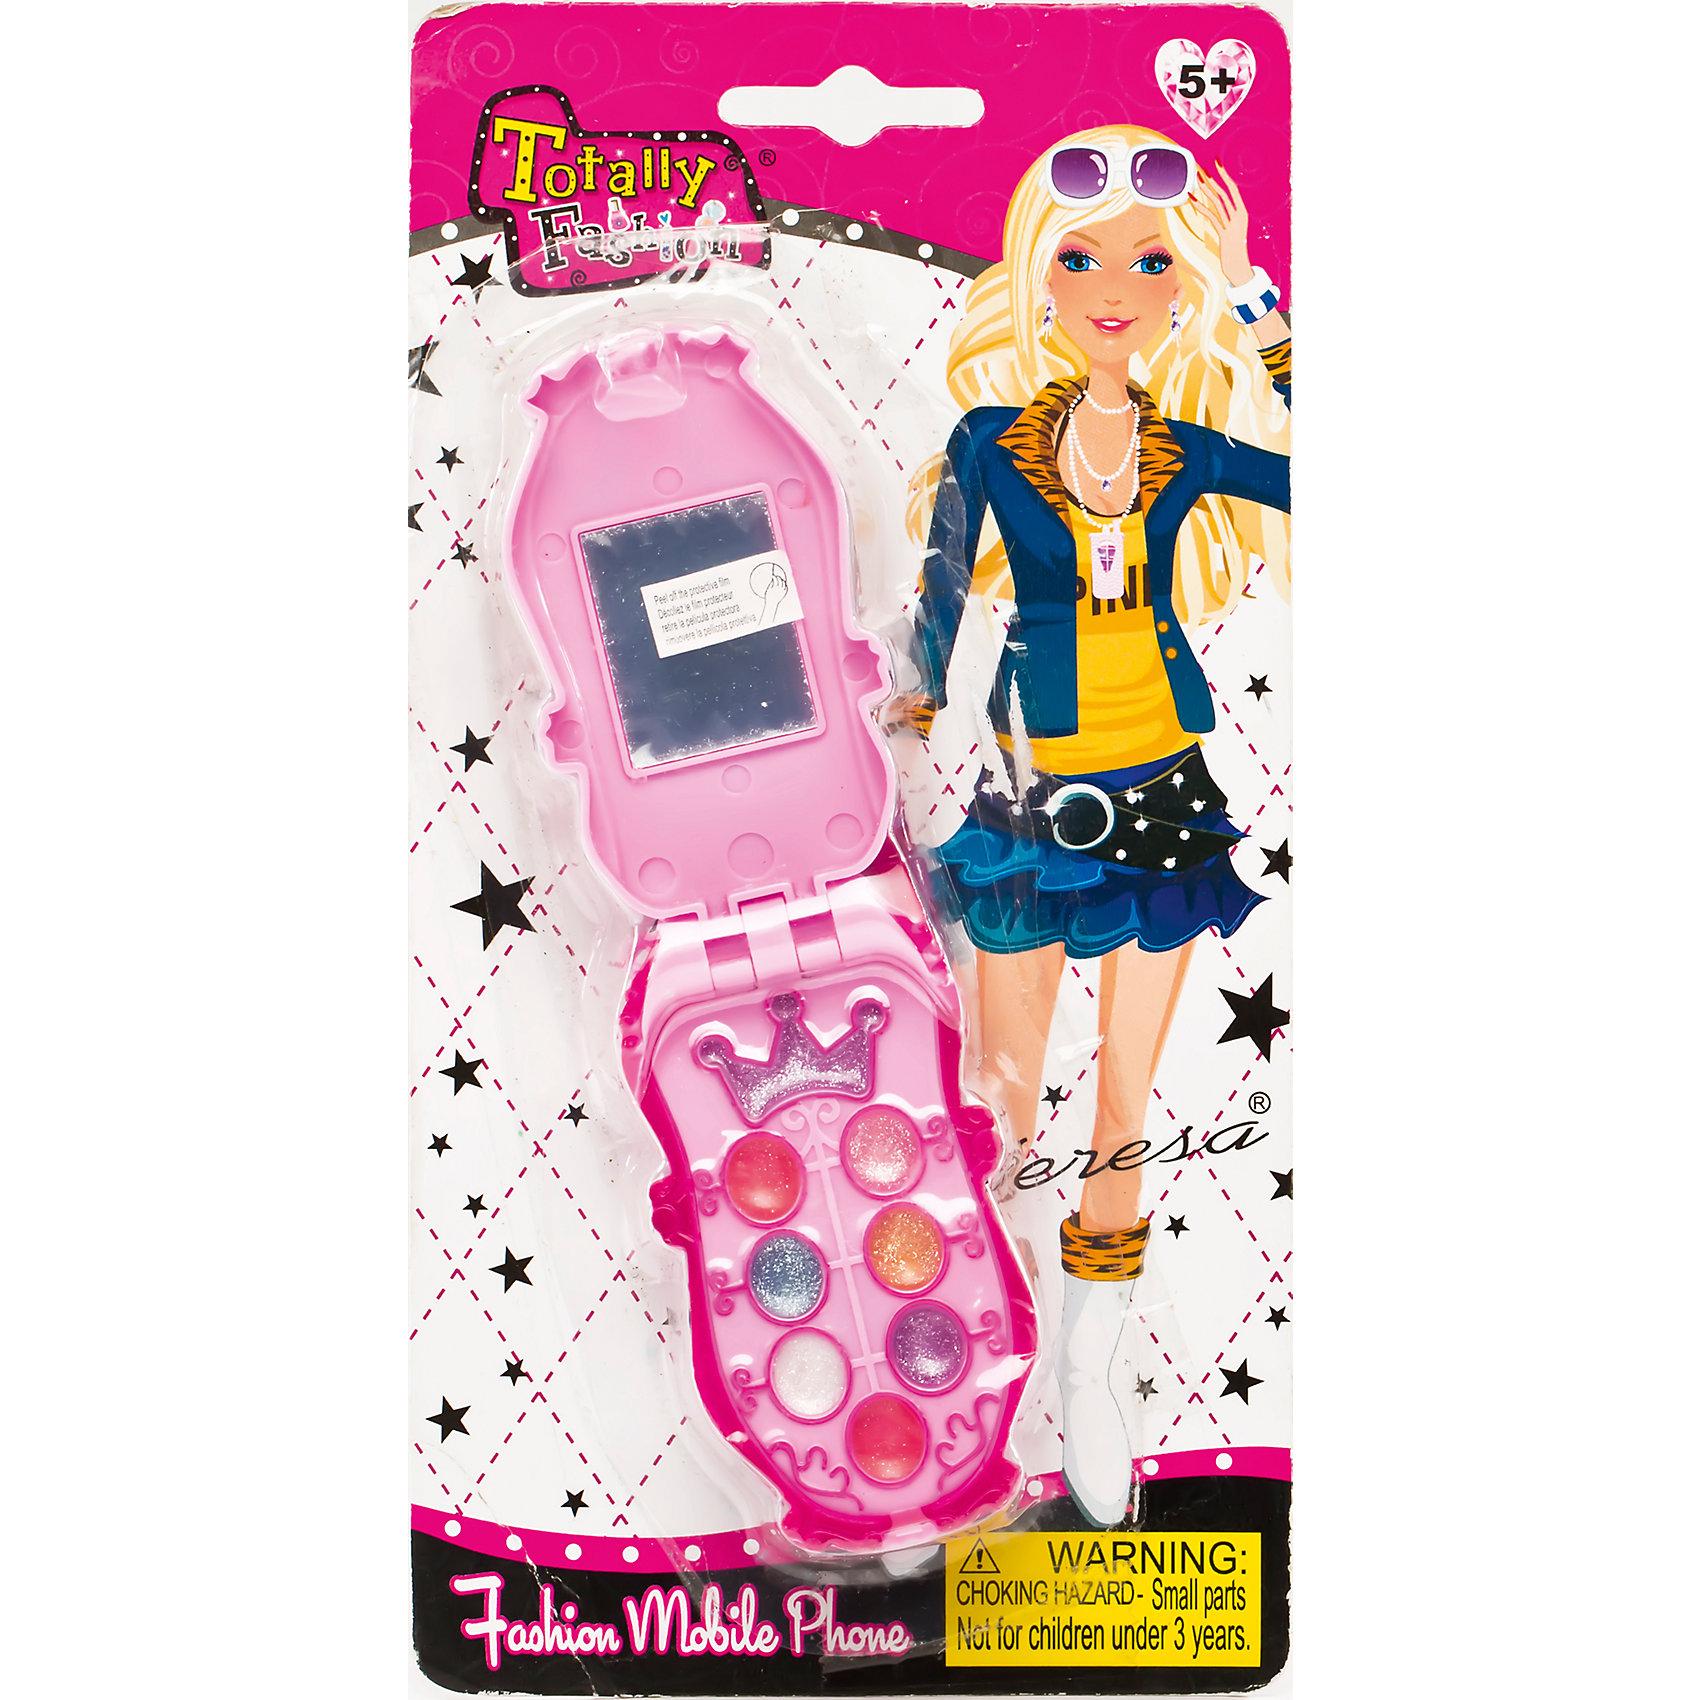 Игровой косметический набор Телефон, Totally FashionКосметика, грим и парфюмерия<br>Характеристики:<br><br>• Вид игрушек: детская косметика<br>• Пол: для девочки<br>• Материал: пластик, натуральные компоненты и красители<br>• Цвет: оттенки розового, голубой, бежевый и др.<br>• Форма футляра: телефон<br>• Комплектация: <br> блеск для губ – 6 тонов <br> тени для век – 4 тона<br> аппликатор – 1 шт.     <br> кисточка – 1 шт.<br>• Размер упаковки(Д*Ш*В): 12*3,5*23 см<br>• Вес: 62 г<br>• Упаковка: блистер на картонной подложке<br>• Допускается сухая и влажная чистка футляра снаружи<br><br>Игровой косметический набор Телефон, Totally Fashion – это набор от мирового лидера в производстве натуральной и безопасной косметики как для взрослых, так и для детей. Линейка наборов Totally Fashion представляет собой яркие, безопасные и оригинальные косметические наборы для девочек. Используемые в производстве ингредиенты и материалы имеют международные сертификаты безопасности. Декоративные тени и блеск легко смываются теплой водой, не оставляют пятен на одежде и не вызывают раздражение. <br><br>В палитре оттенков имеются самые модные цвета, в комплекте предусмотрен аппликатор с кисточкой, который позволит легко и аккуратно сделать макияж. Косметический набор выполнен в оригинальном виде: телефон-раскладушка, на месте экрана которого предусмотрено зеркальце. <br>Игровой косметический набор Телефон, Totally Fashion станет идеальным подарком для девочки к любому празднику.<br><br>Игровой косметический набор Телефон, Totally Fashion можно купить в нашем интернет-магазине.<br><br>Ширина мм: 120<br>Глубина мм: 35<br>Высота мм: 230<br>Вес г: 62<br>Возраст от месяцев: 60<br>Возраст до месяцев: 120<br>Пол: Женский<br>Возраст: Детский<br>SKU: 5418935